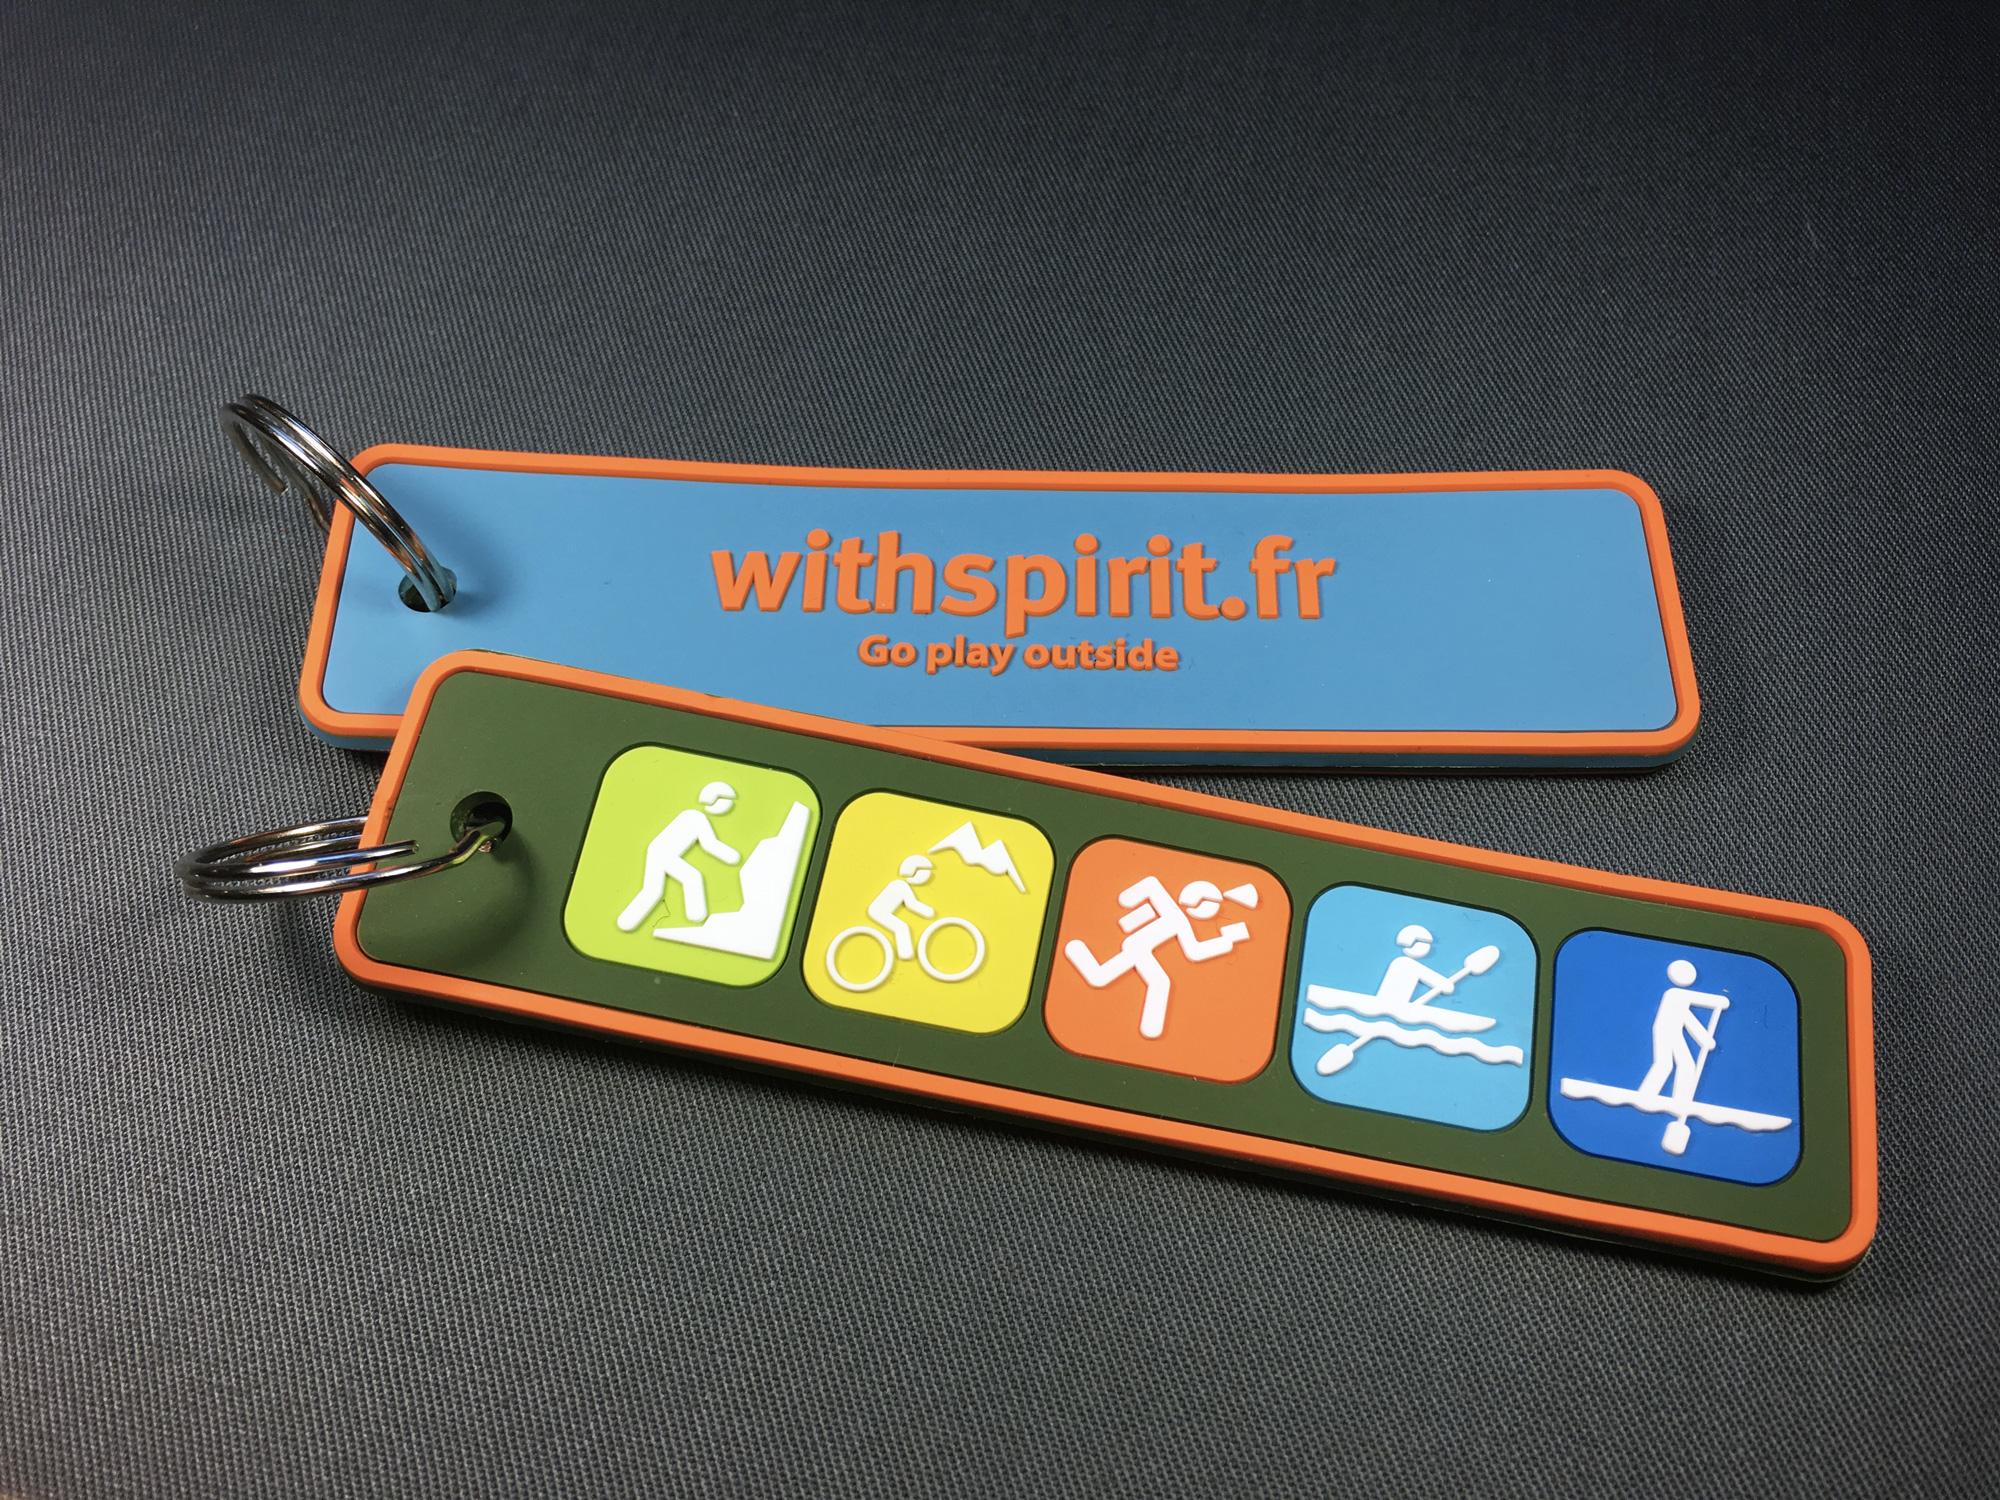 Withspirit.fr